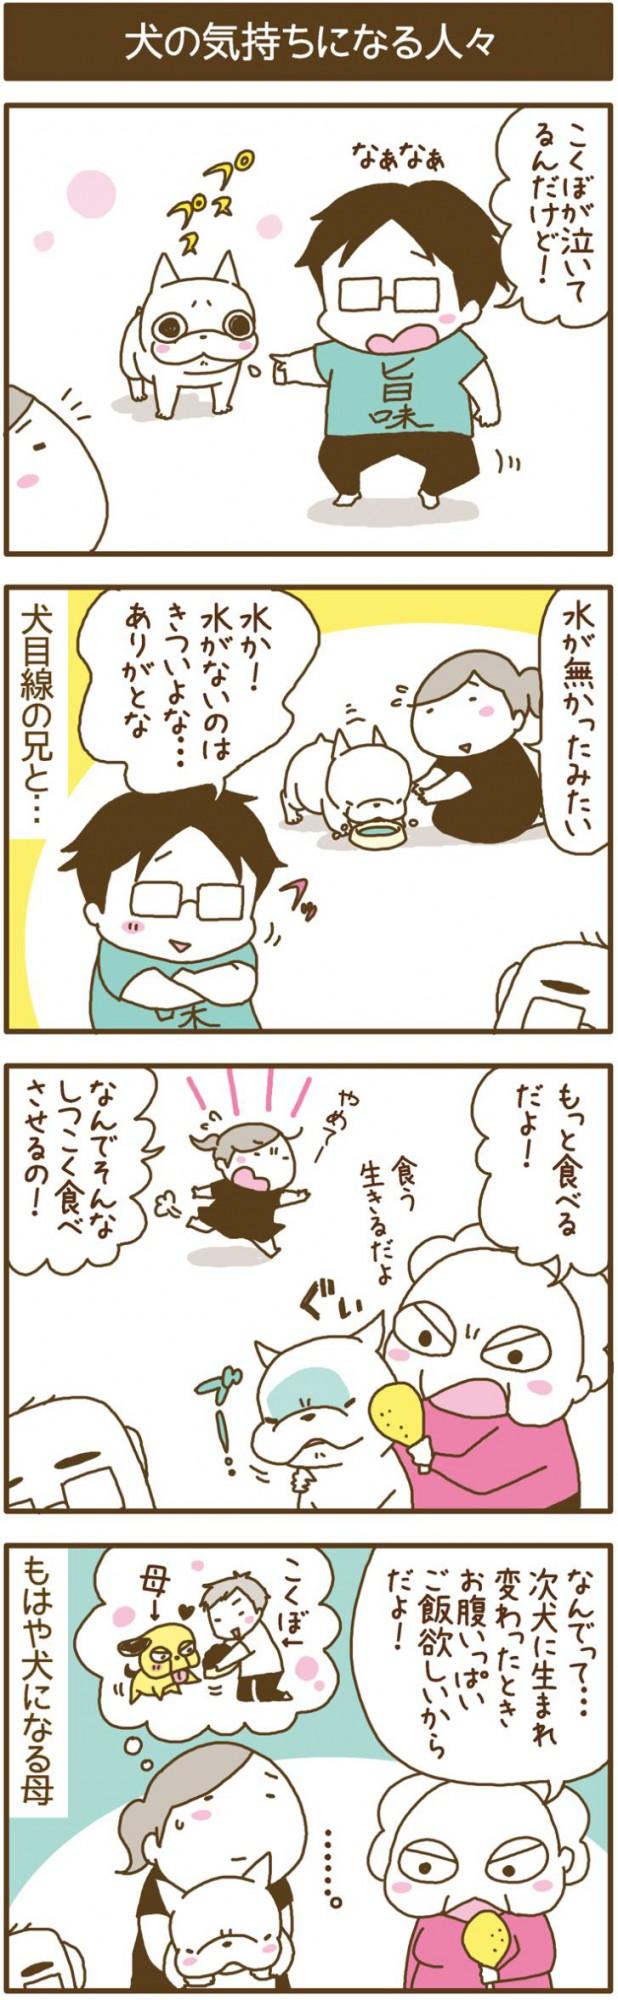 フレブルこくぼとゆかいな下僕たち【第48話】